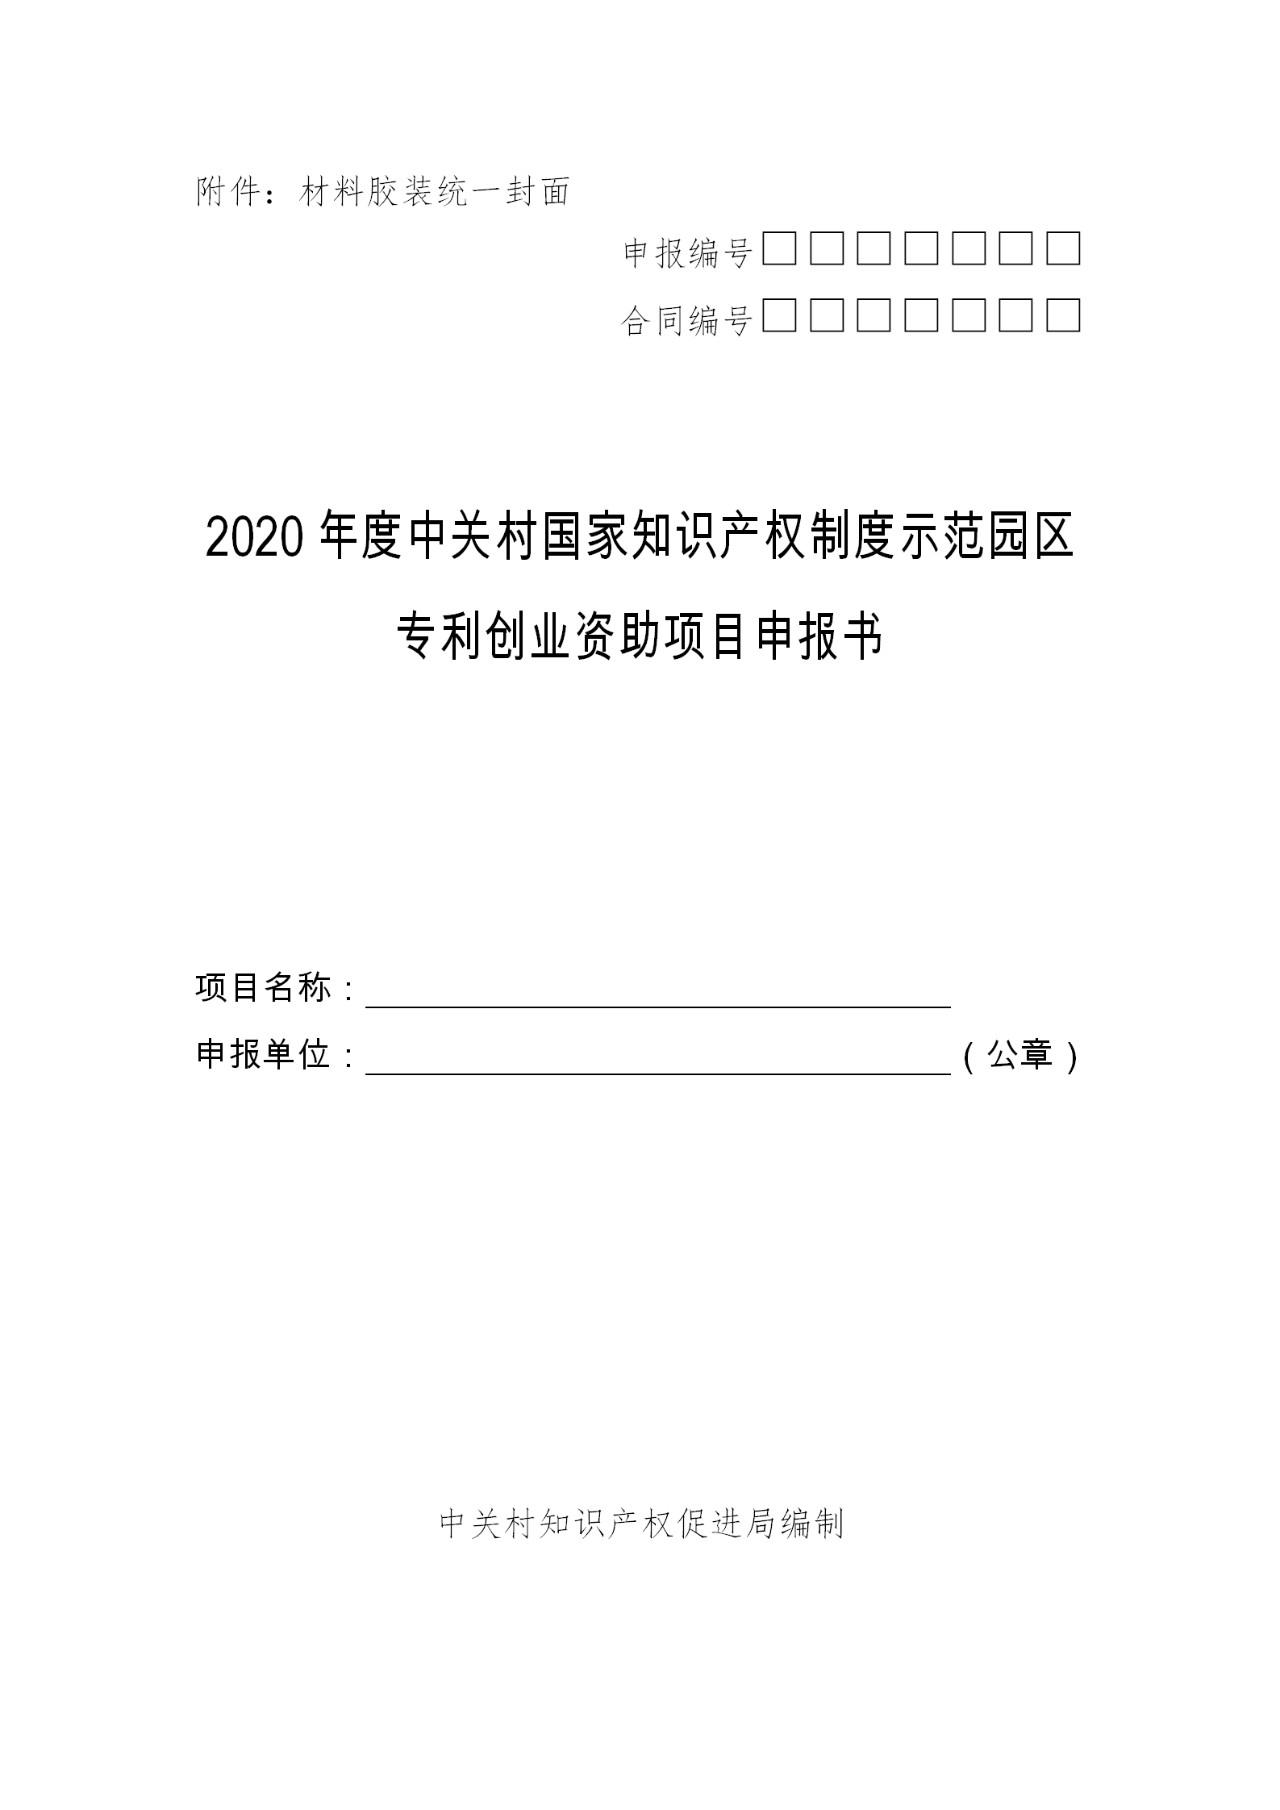 注意啦!2020年度中关村专利战略专项资金和专利创业专项资金开始申报啦!